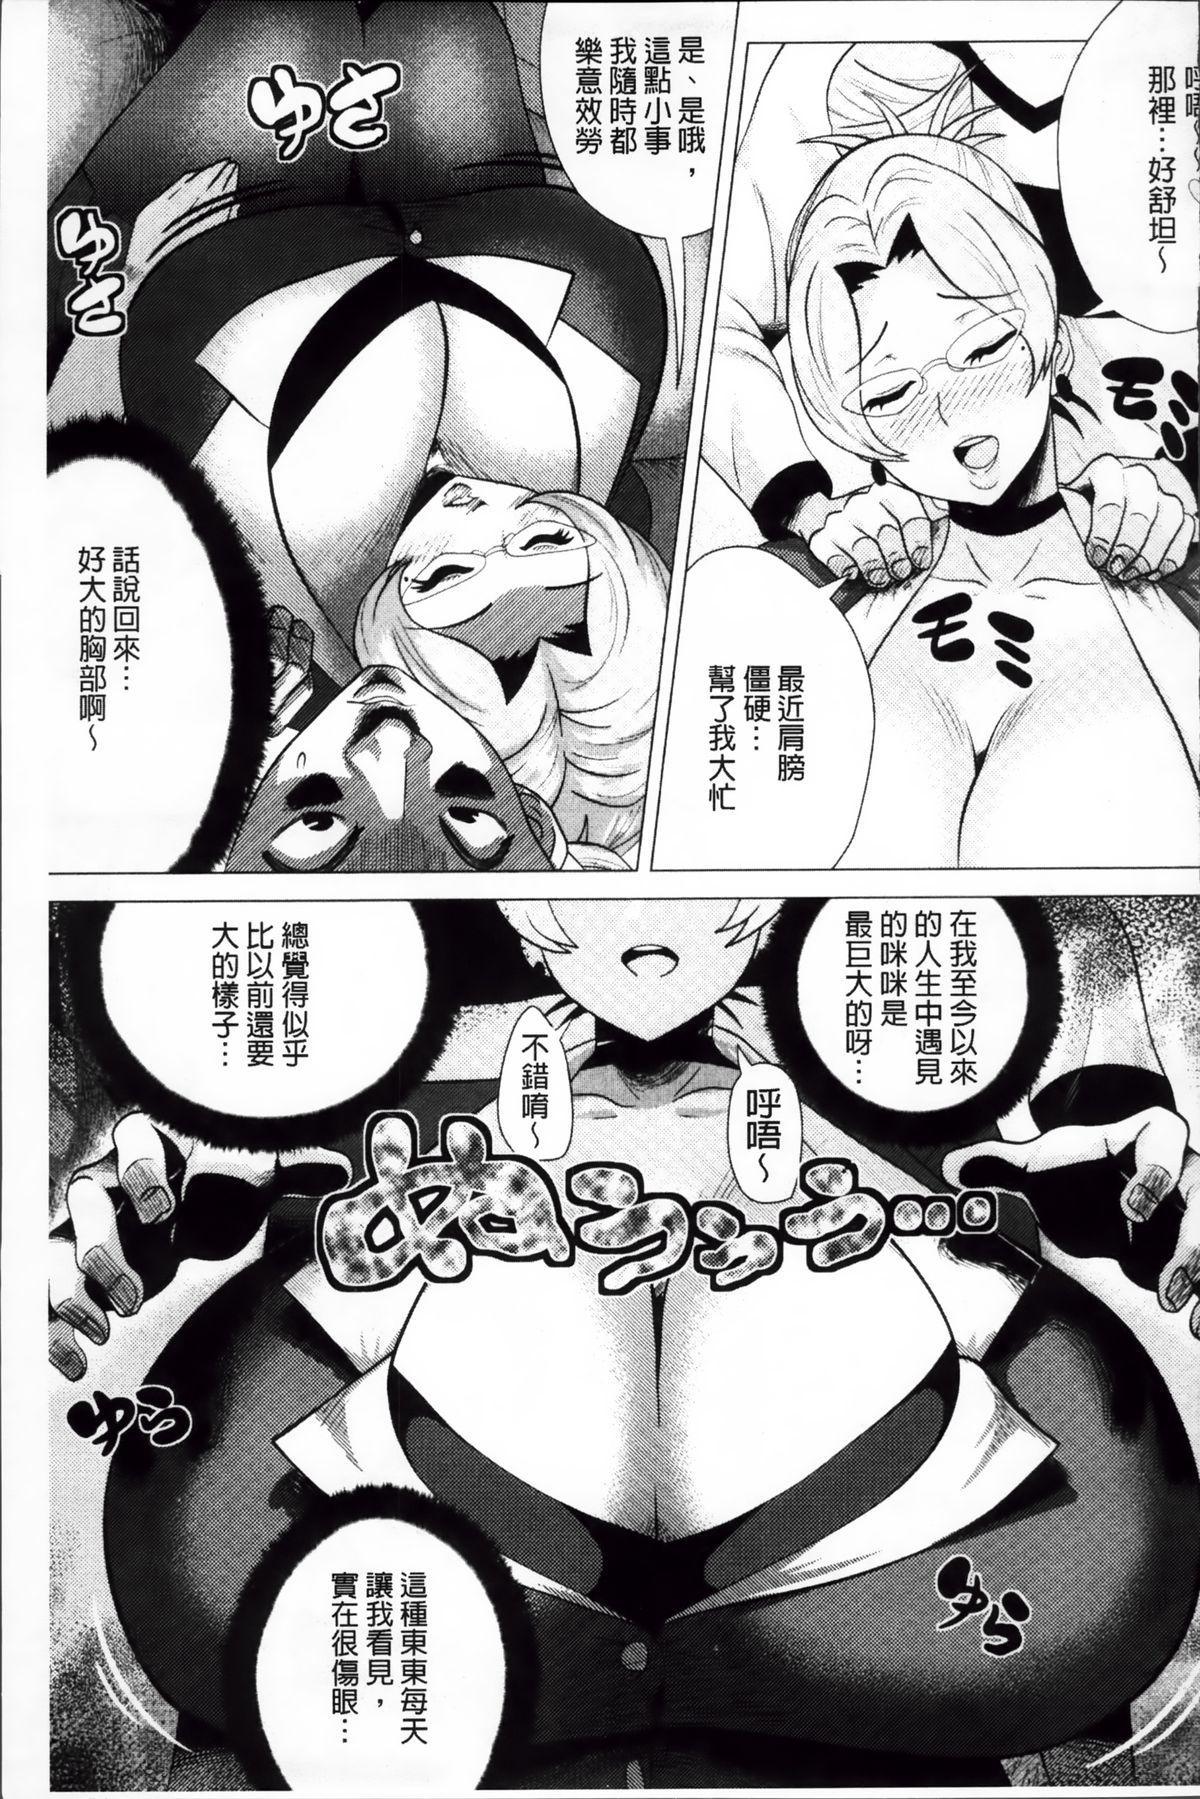 Megabody Night - Watashi no Oniku o Meshiagare 103